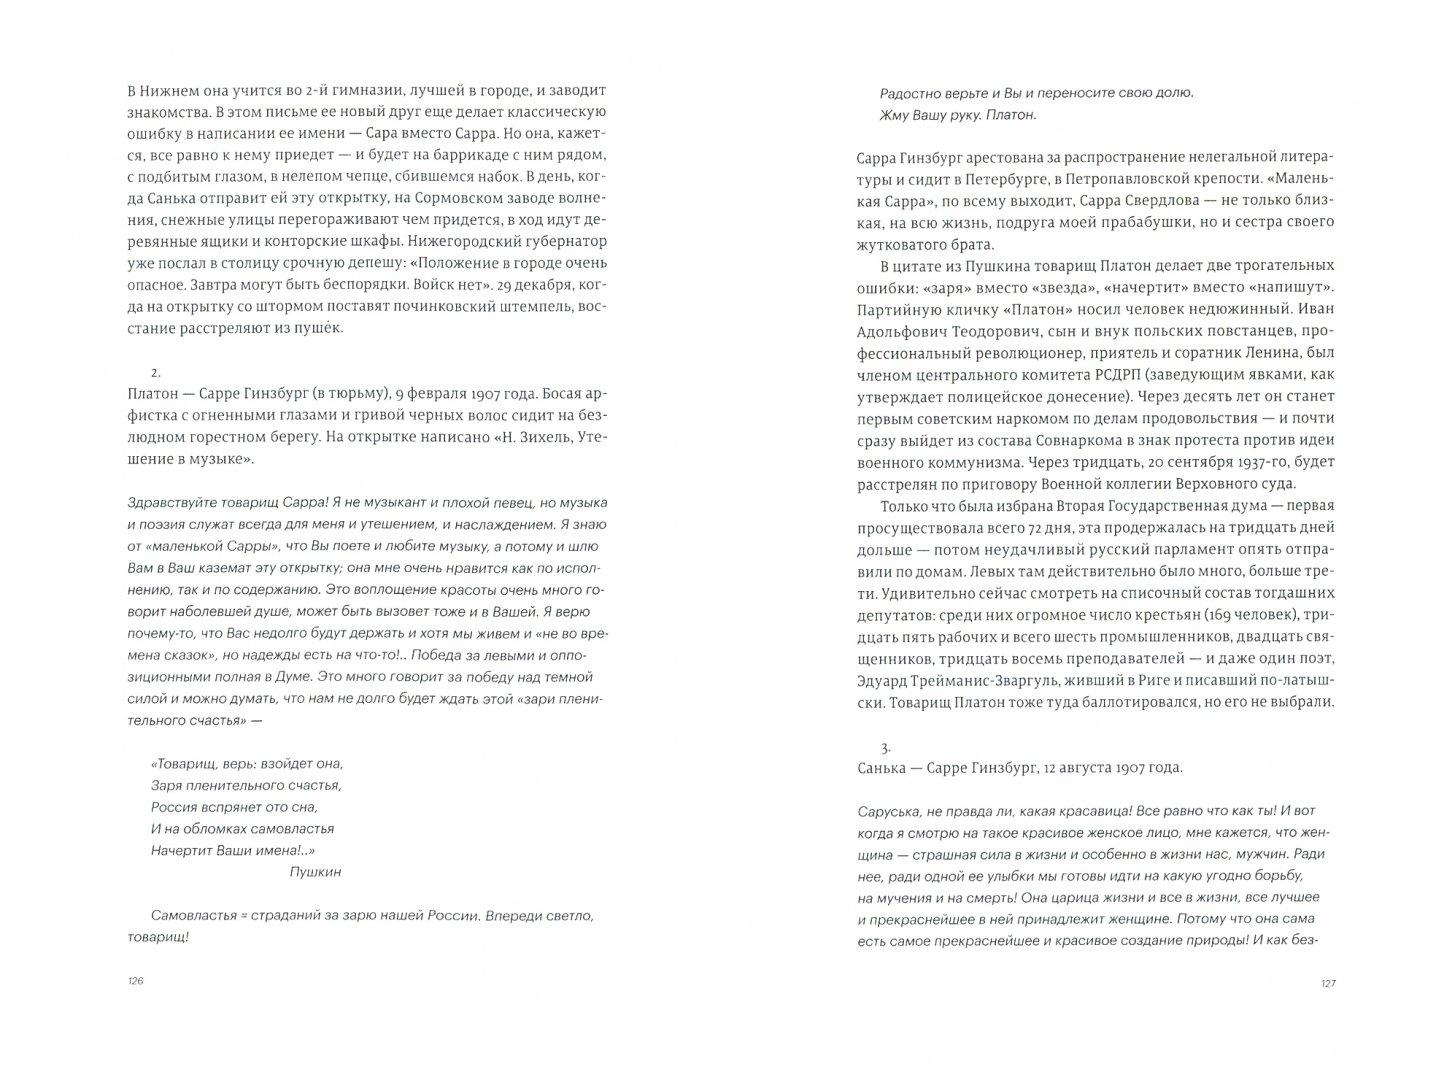 Иллюстрация 1 из 2 для Памяти памяти - Мария Степанова | Лабиринт - книги. Источник: Лабиринт